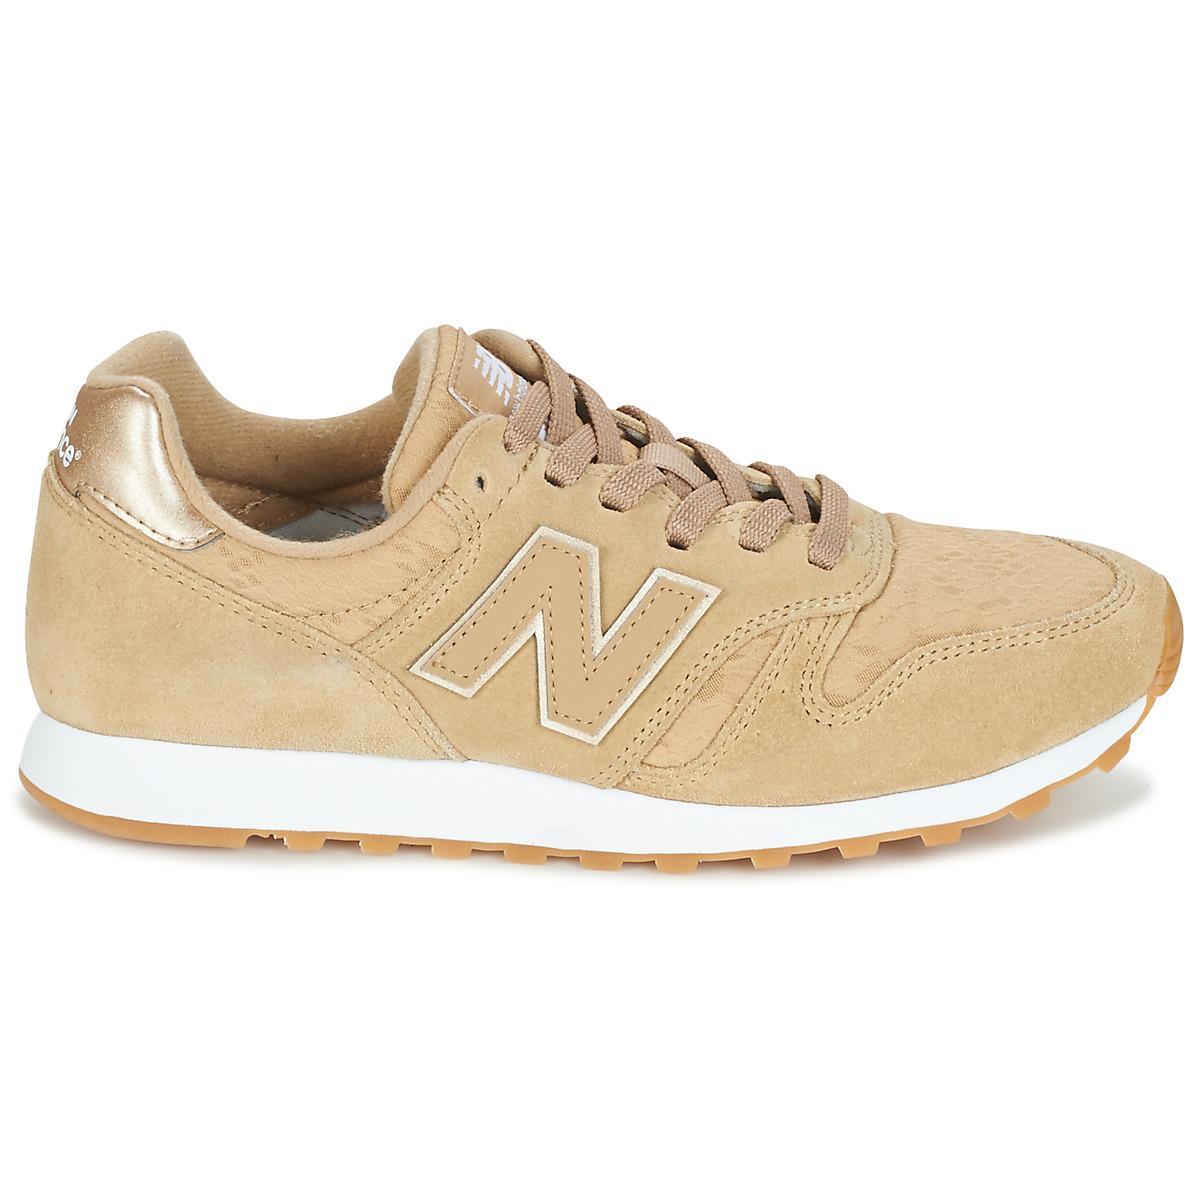 WL373 femmes Chaussures en Beige New Balance en coloris Neutre - Lyst